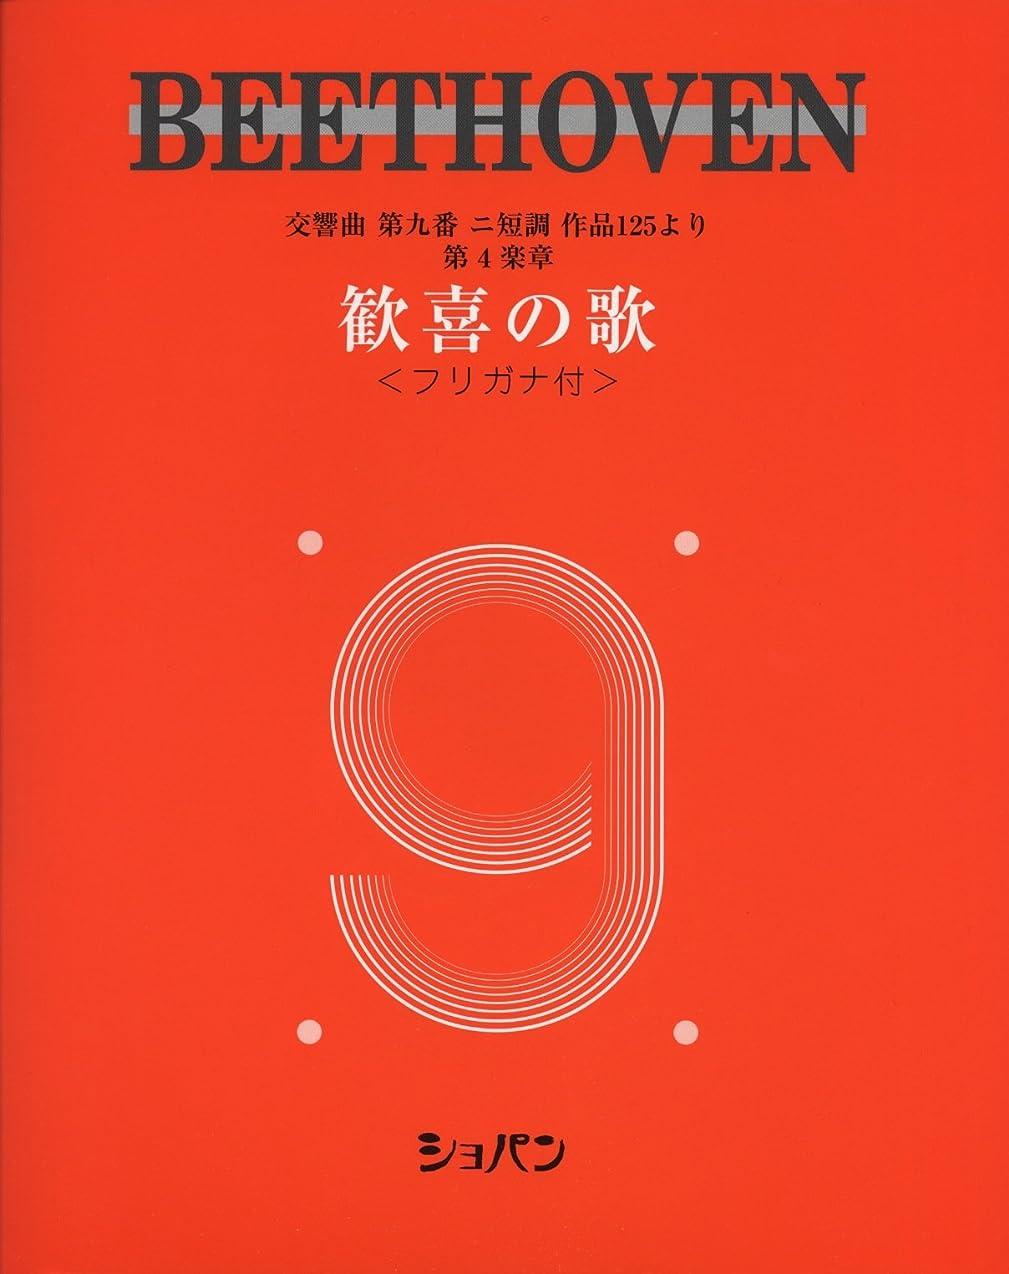 発言する悲劇俳句実用版 ドビュッシーピアノ作品全集 7 映像 第1集、第2集